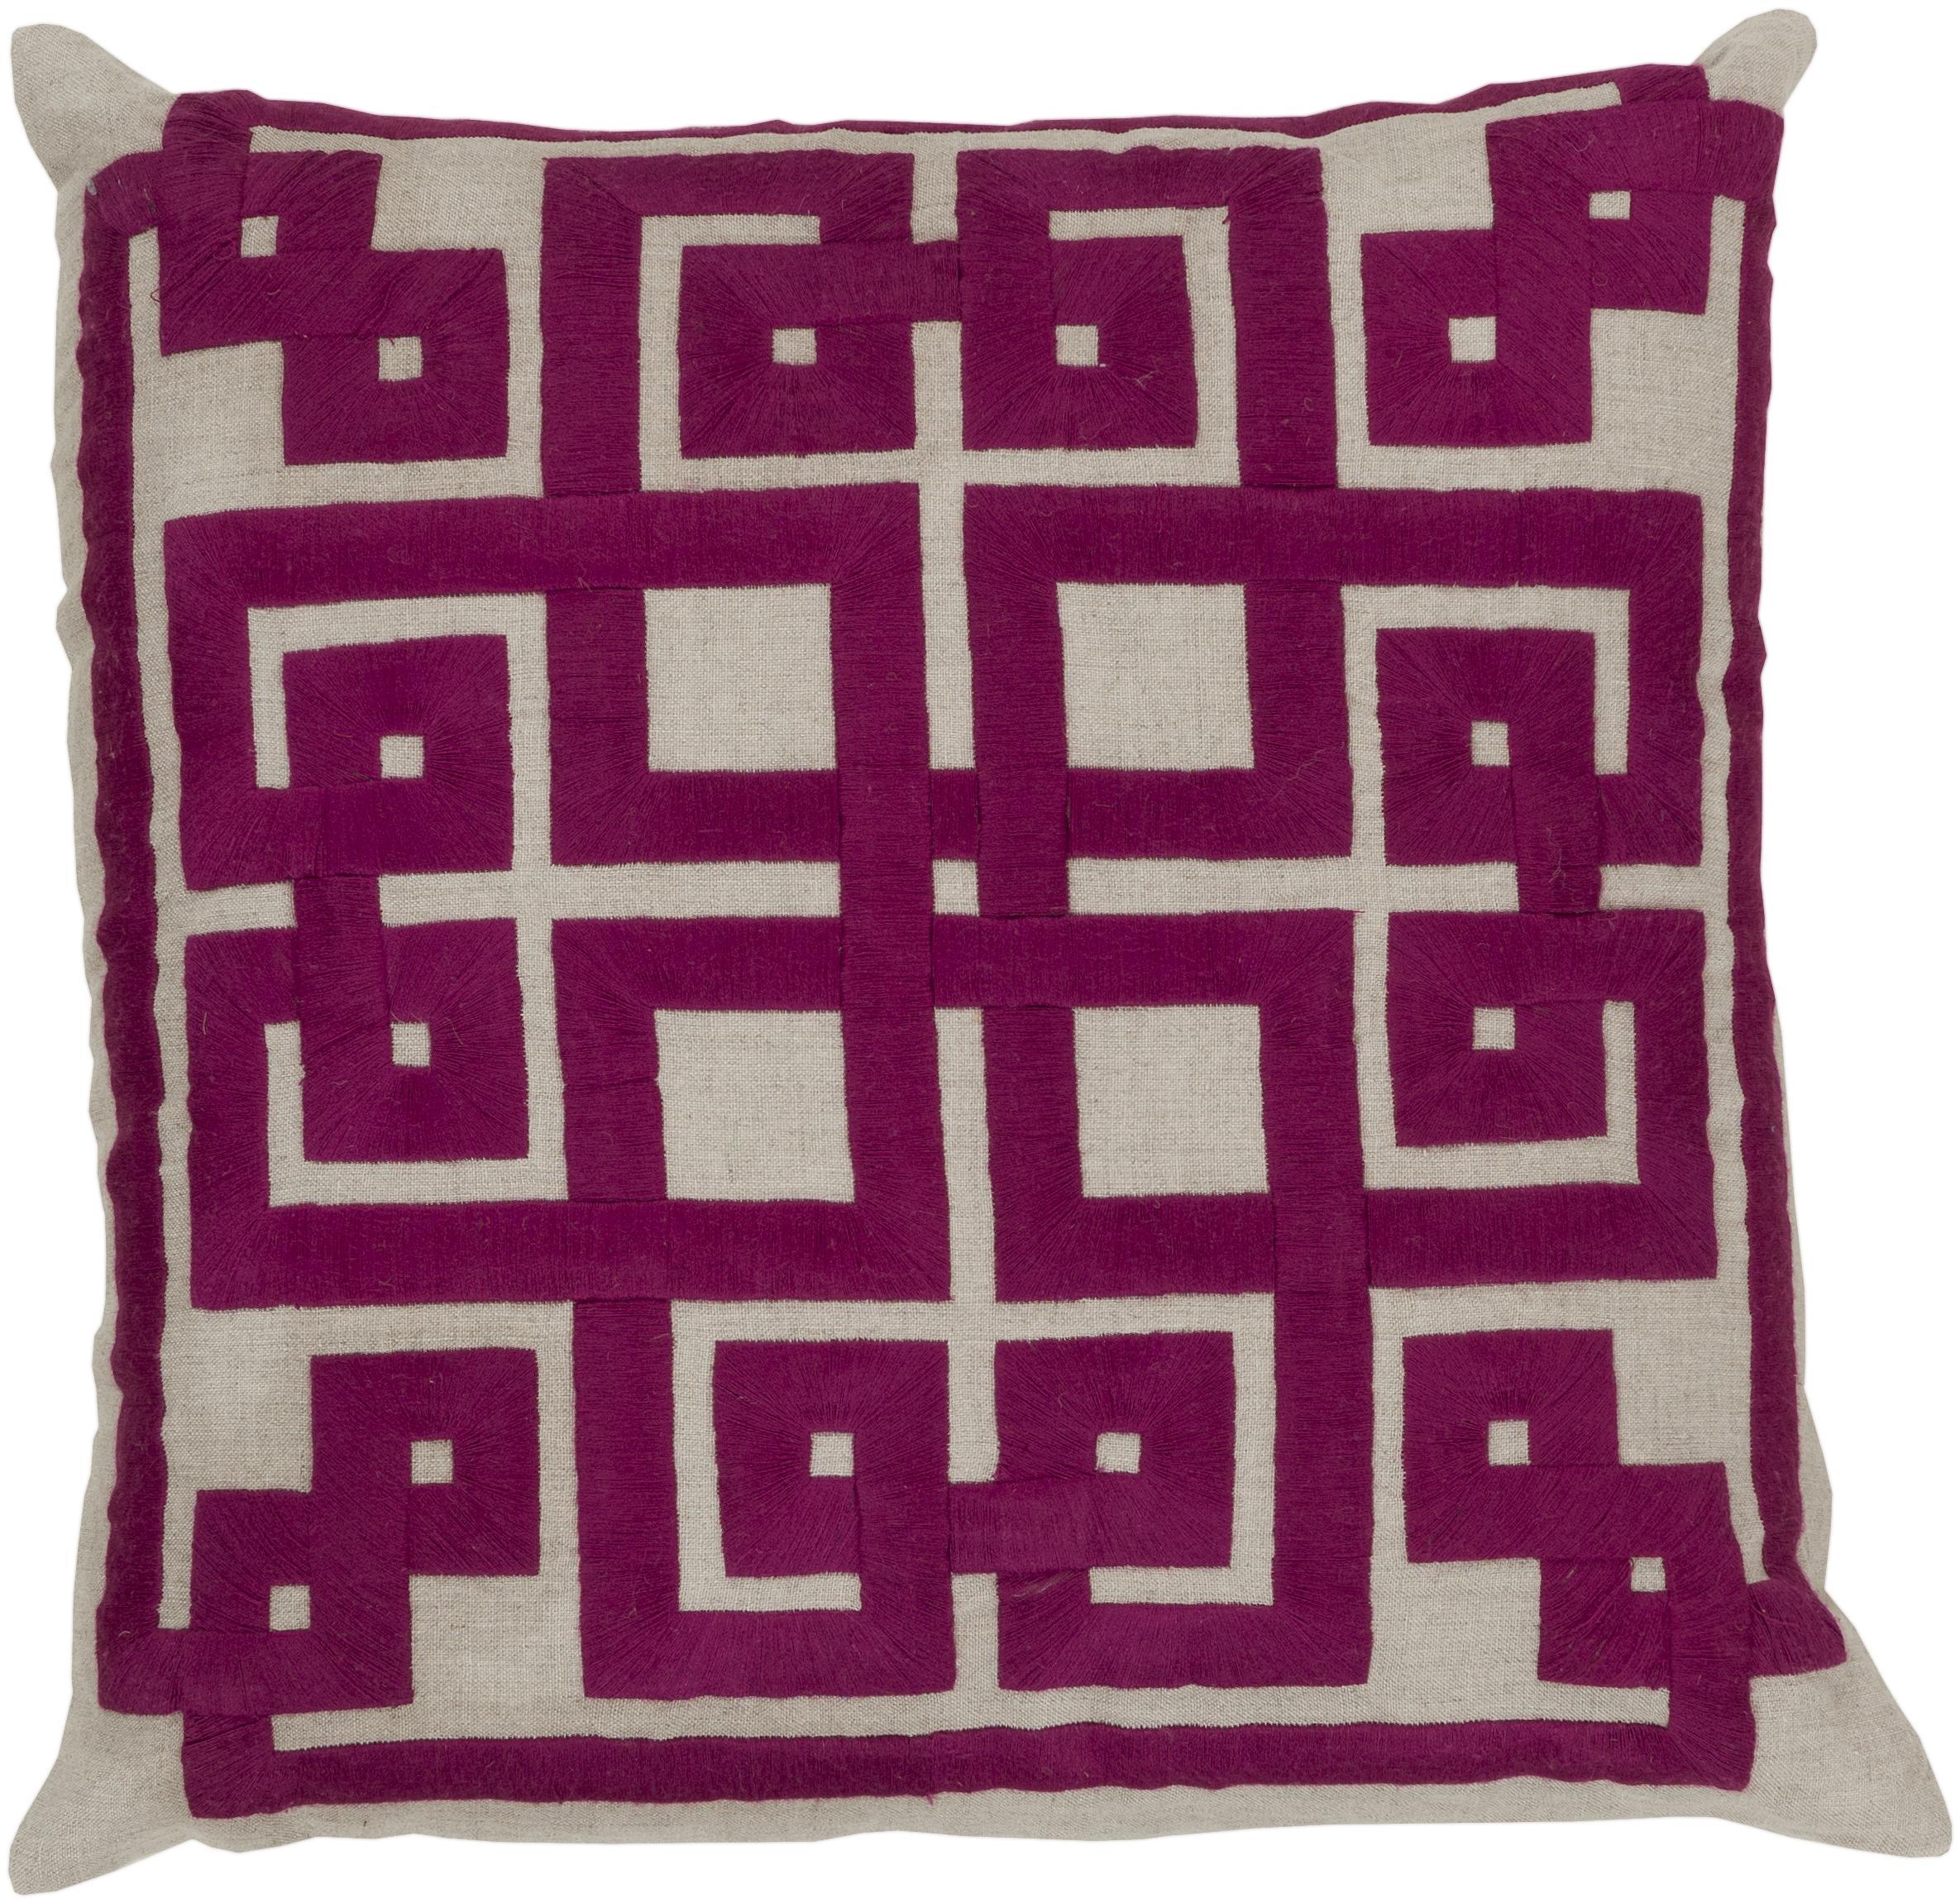 """Surya Pillows 18"""" x 18"""" Pillow - Item Number: LD008-1818P"""